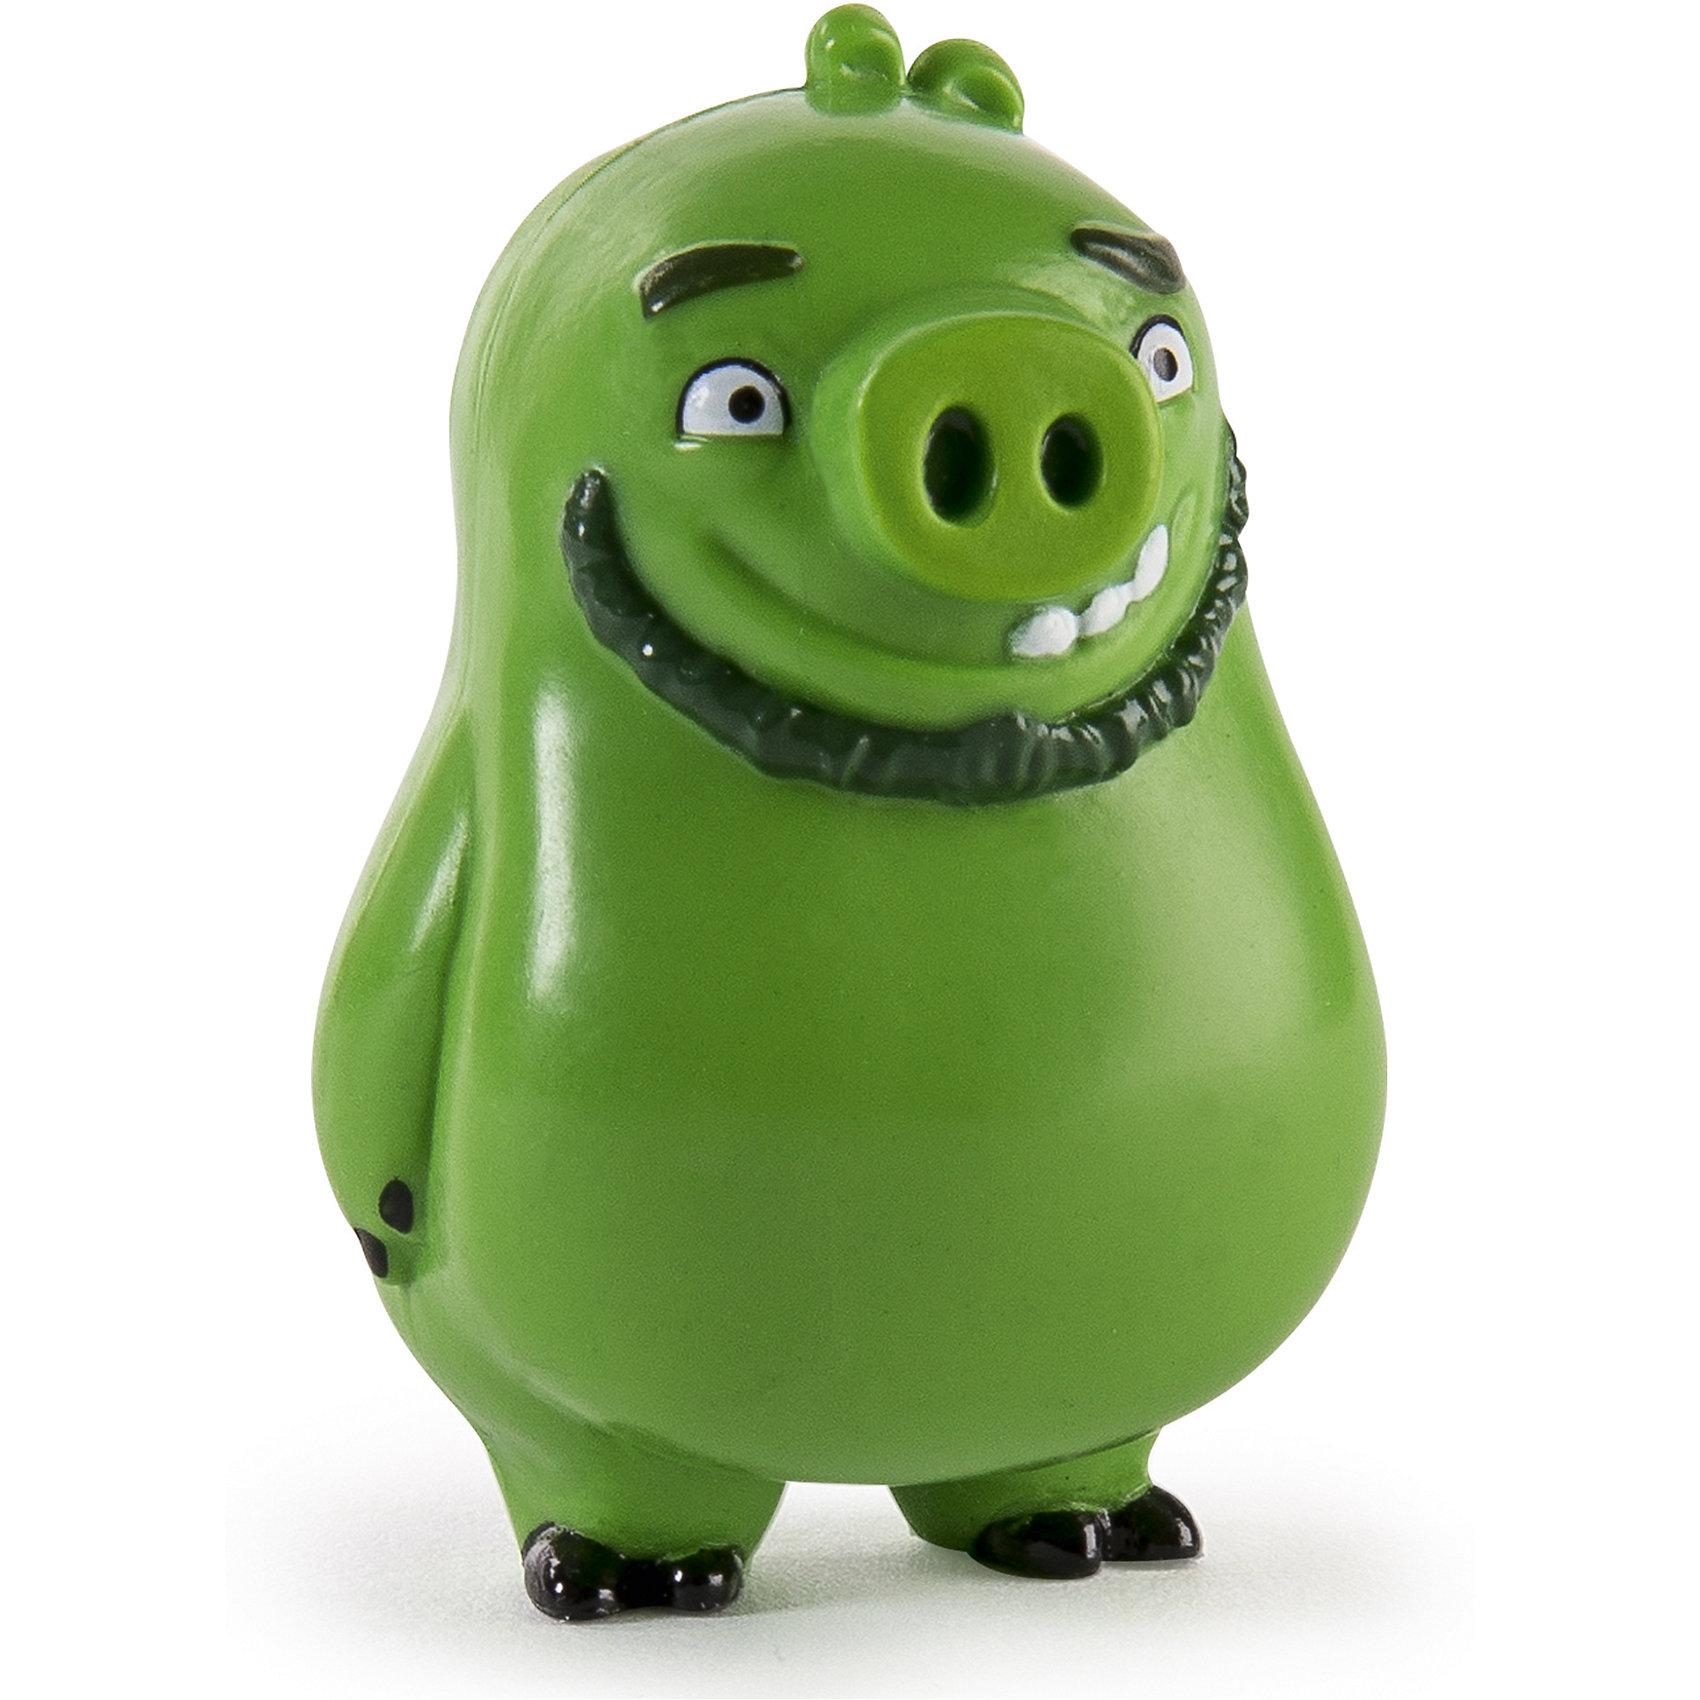 Коллекционная фигурка Леонард, Angry BirdsФигурки из мультфильмов<br>Характеристики товара:<br><br>• материал: пластик<br>• высота: 5 см<br>• вес: 20 г<br>• размер упаковки: 13х5х12 см<br>• хорошая детализация<br>• качественные безопасные краски<br>• возраст: от 4 лет<br>• страна бренда: Канада<br><br>Эта фигурка станет отличным подарком для маленького любителя мультфильма и игры «Angry Birds». Она отлично проработана, качественные краски стойкие и безопасные для ребенка.<br><br>Коллекционную фигурку Свинья, Angry Birds, от бренда Spin Master можно купить в нашем интернет-магазине.<br><br>Ширина мм: 131<br>Глубина мм: 123<br>Высота мм: 45<br>Вес г: 23<br>Возраст от месяцев: 48<br>Возраст до месяцев: 96<br>Пол: Унисекс<br>Возраст: Детский<br>SKU: 5471892